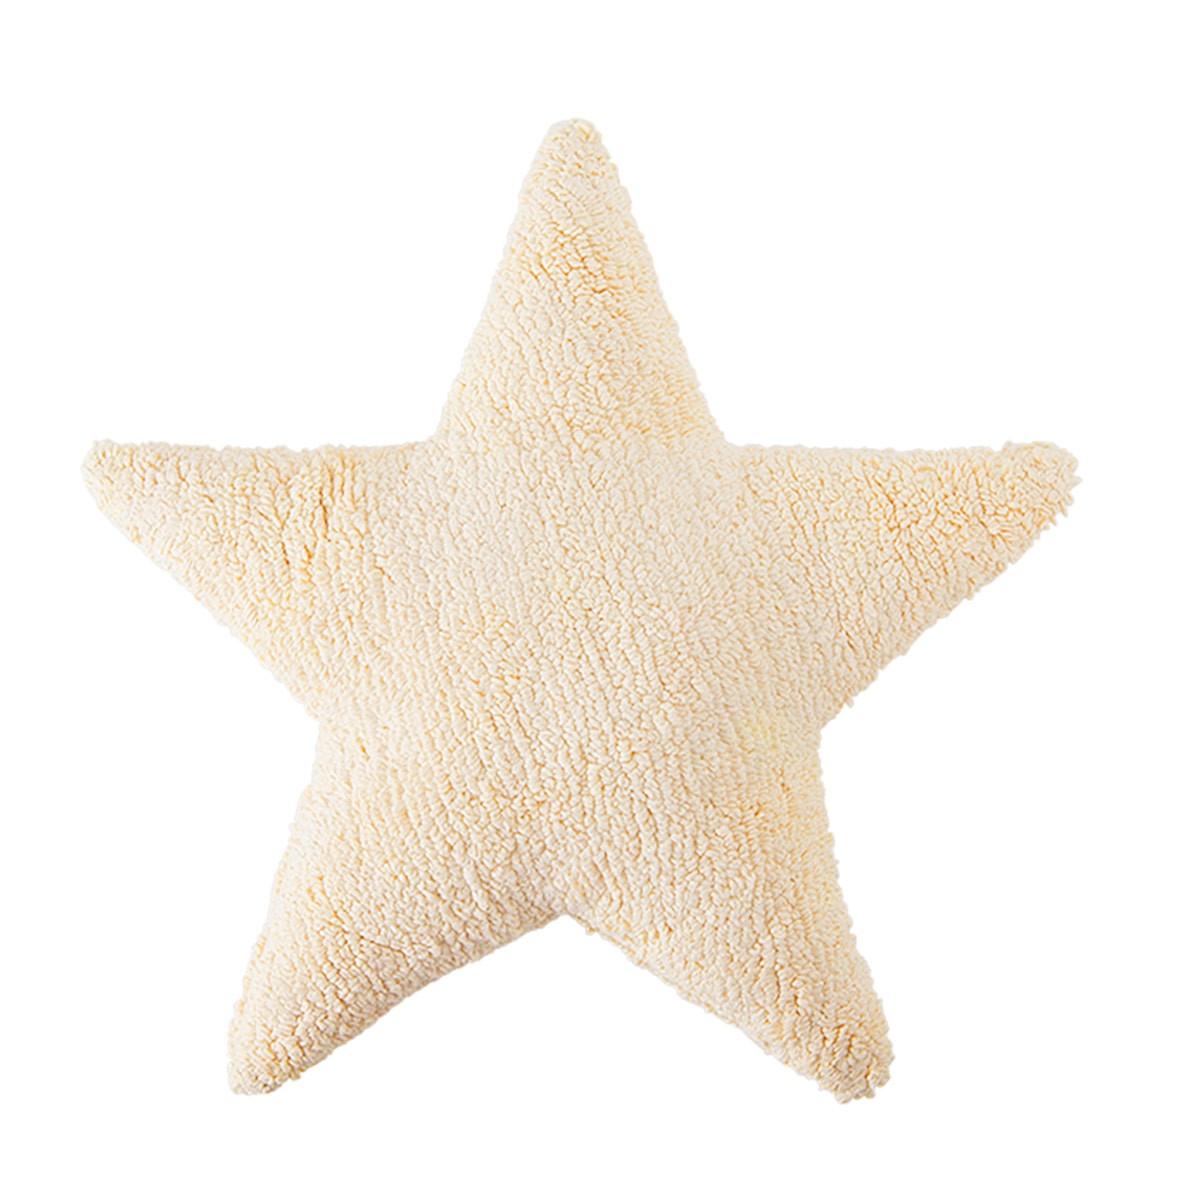 Διακοσμητικό Μαξιλάρι Lorena Canals Star Vanilla